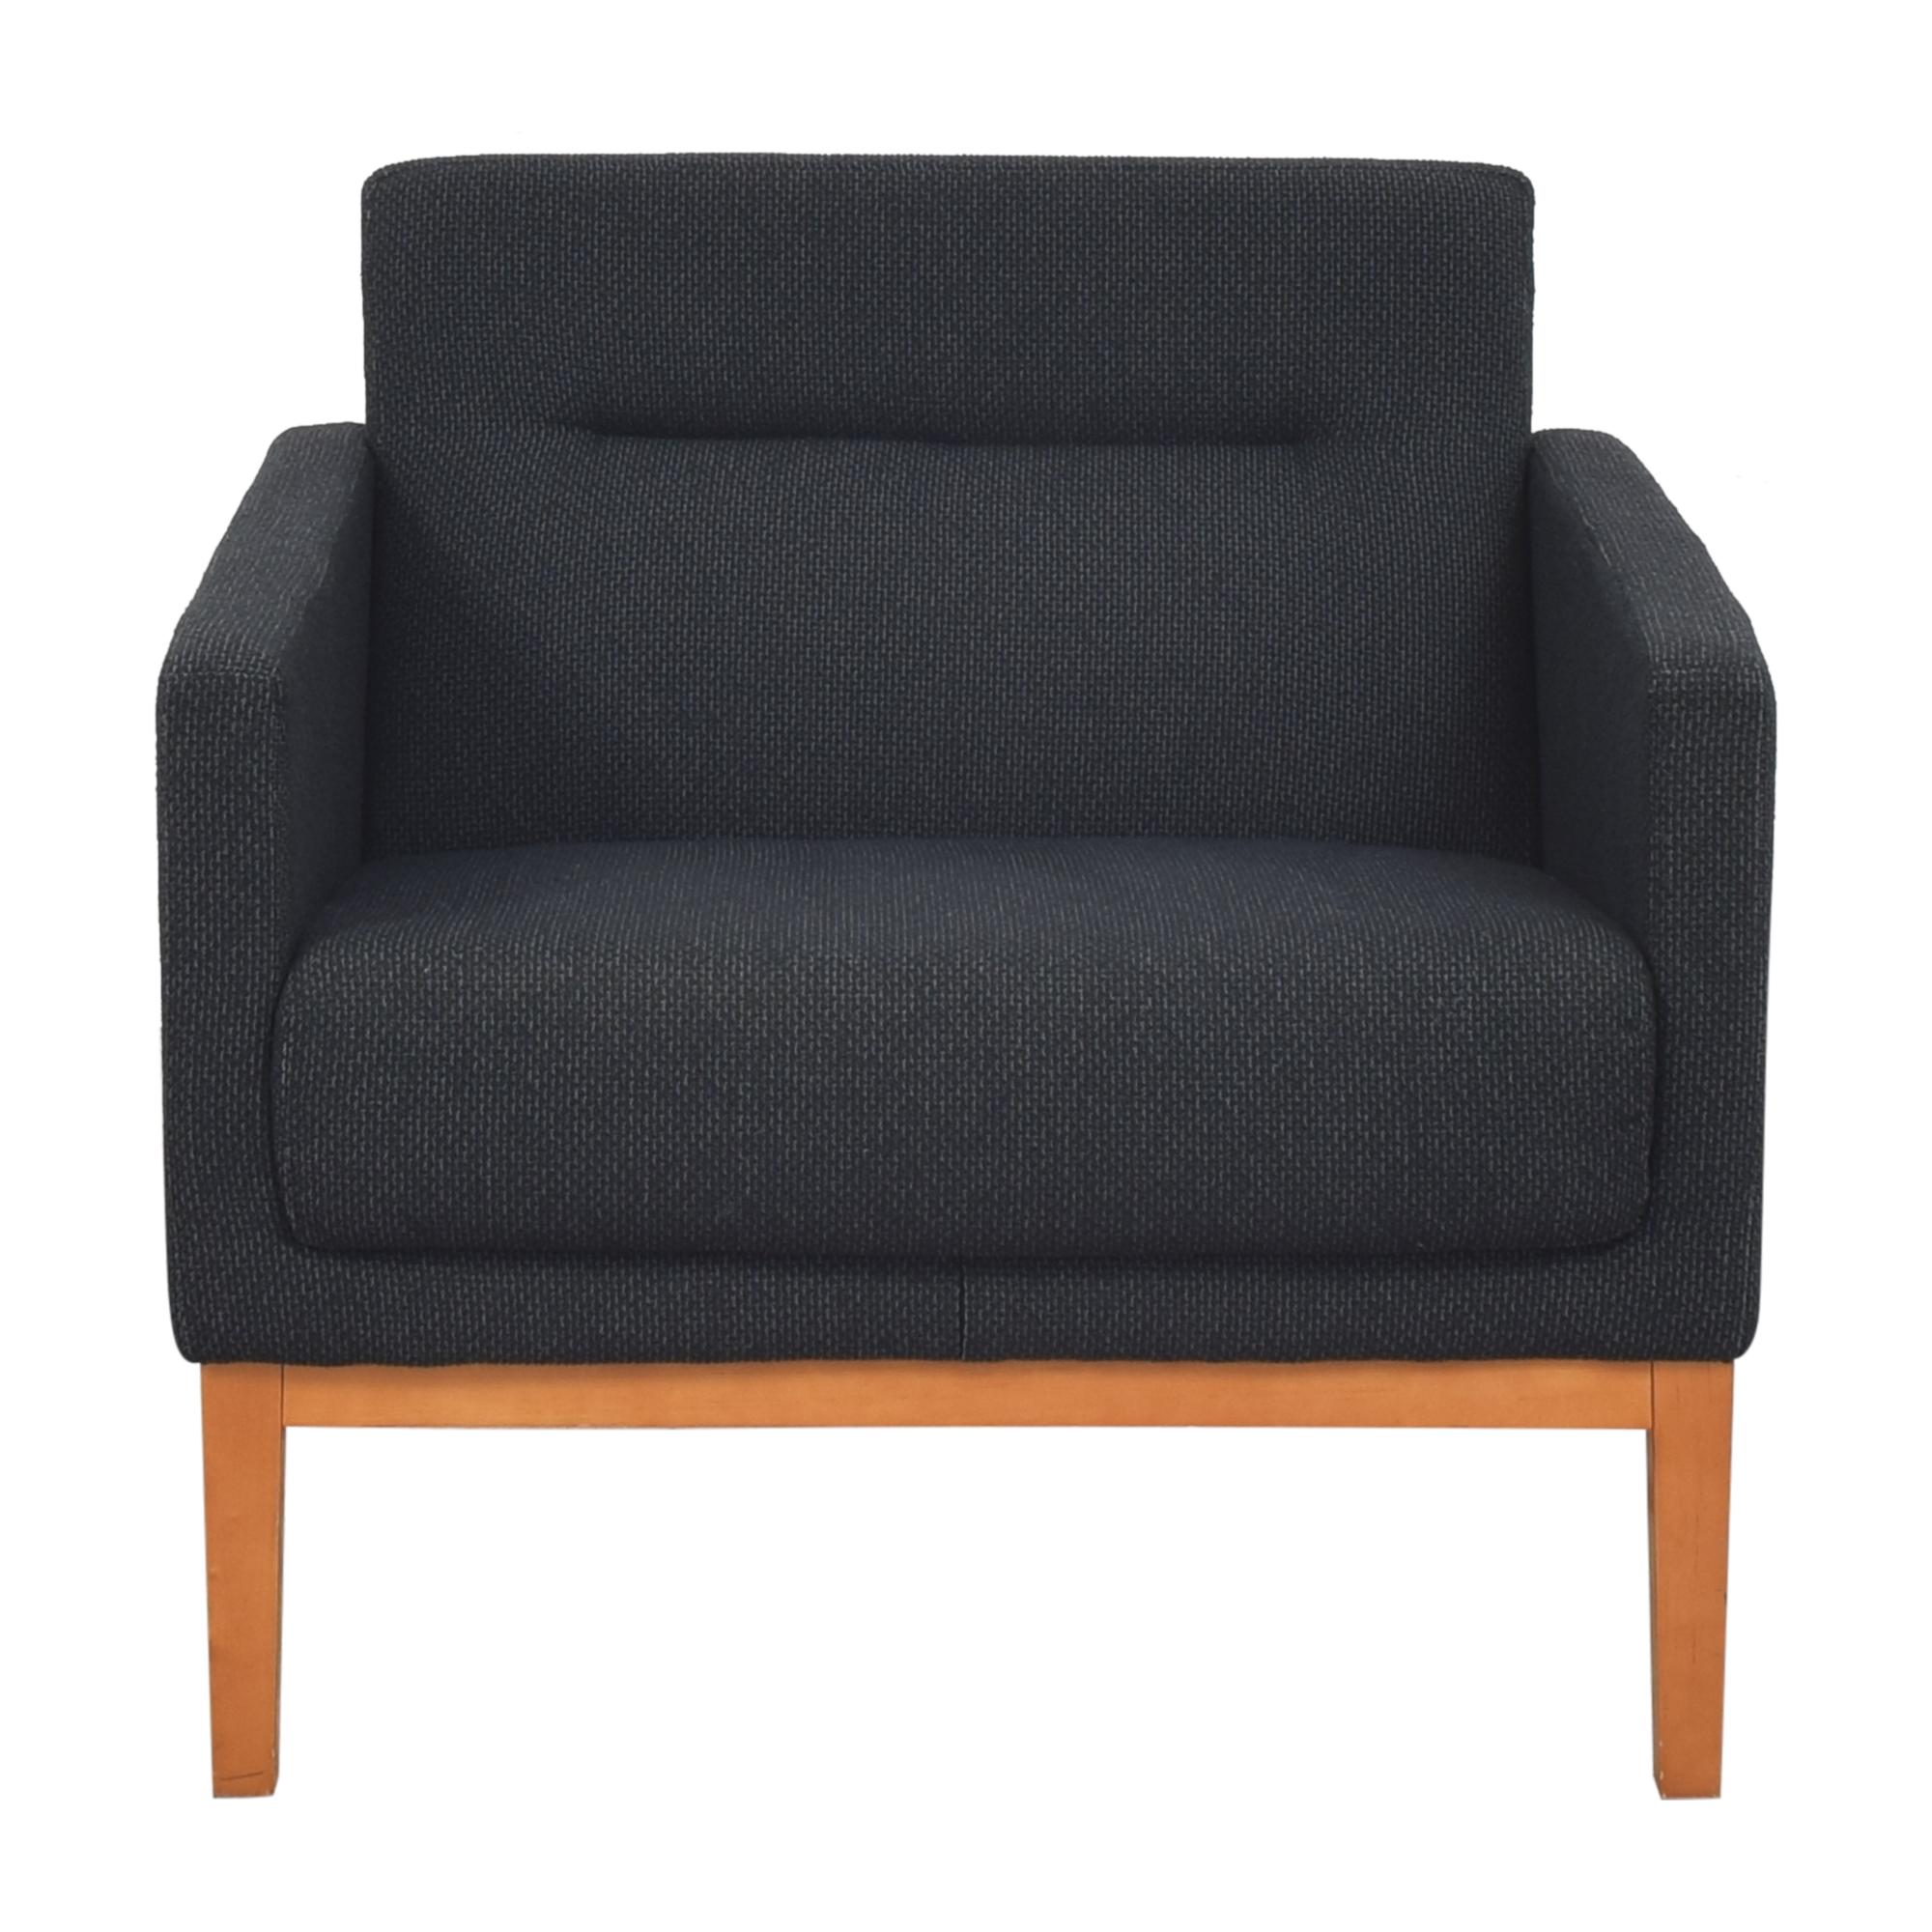 Brayton International Brayton International Passerelle Lounge Chair